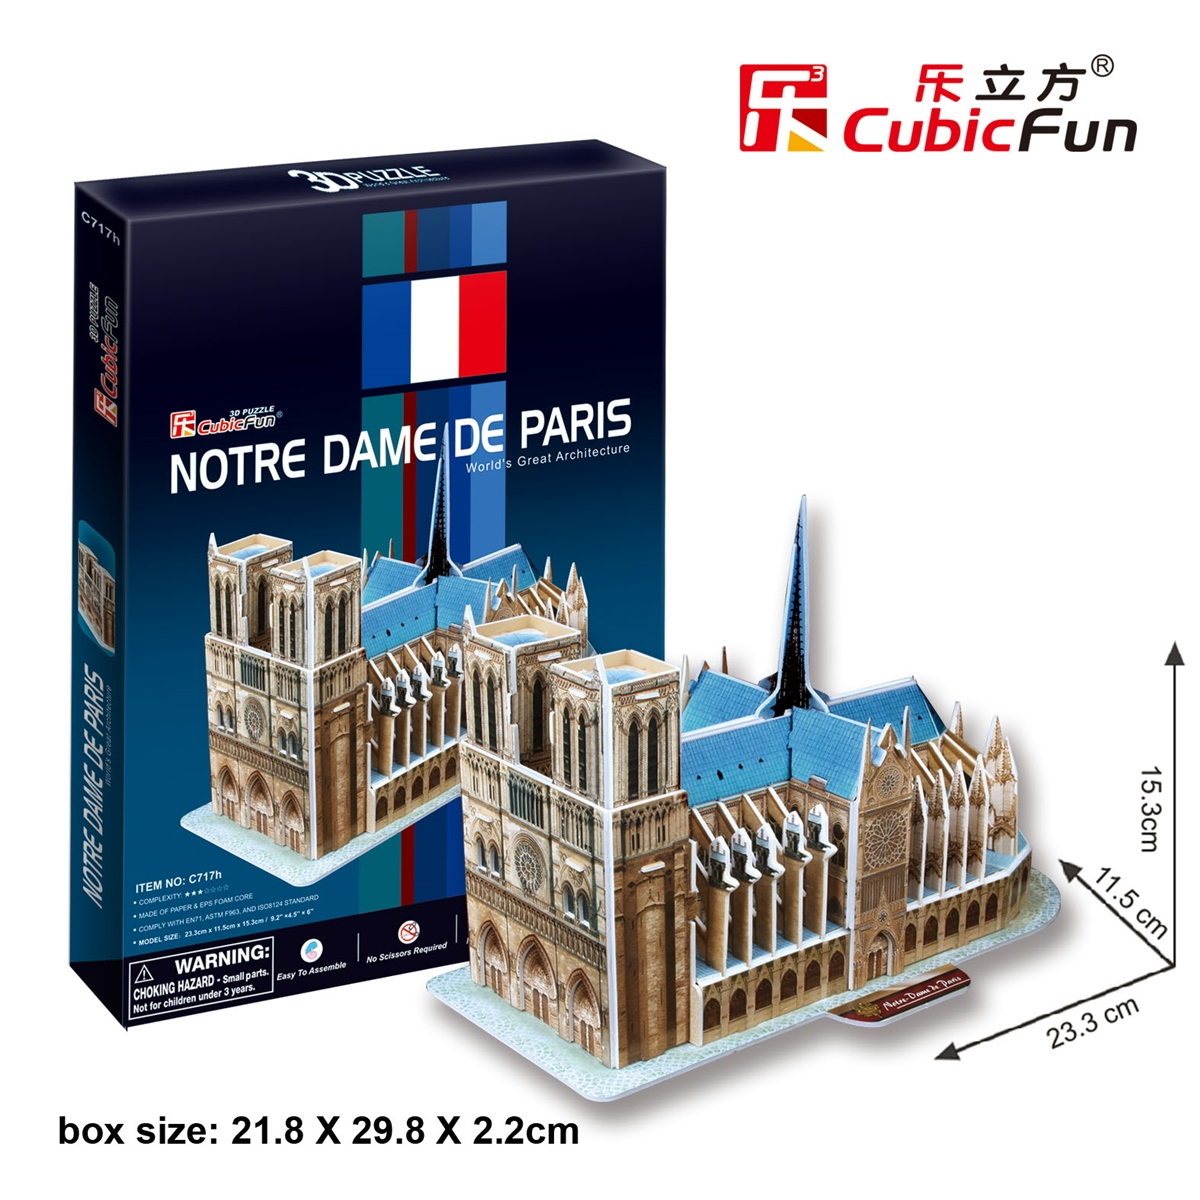 Notre Dame de Paris อาสนวิหารน็อทร์-ดามแห่งปารีส Size 23.3*11.5*15.3 cm Total 40 pcs.